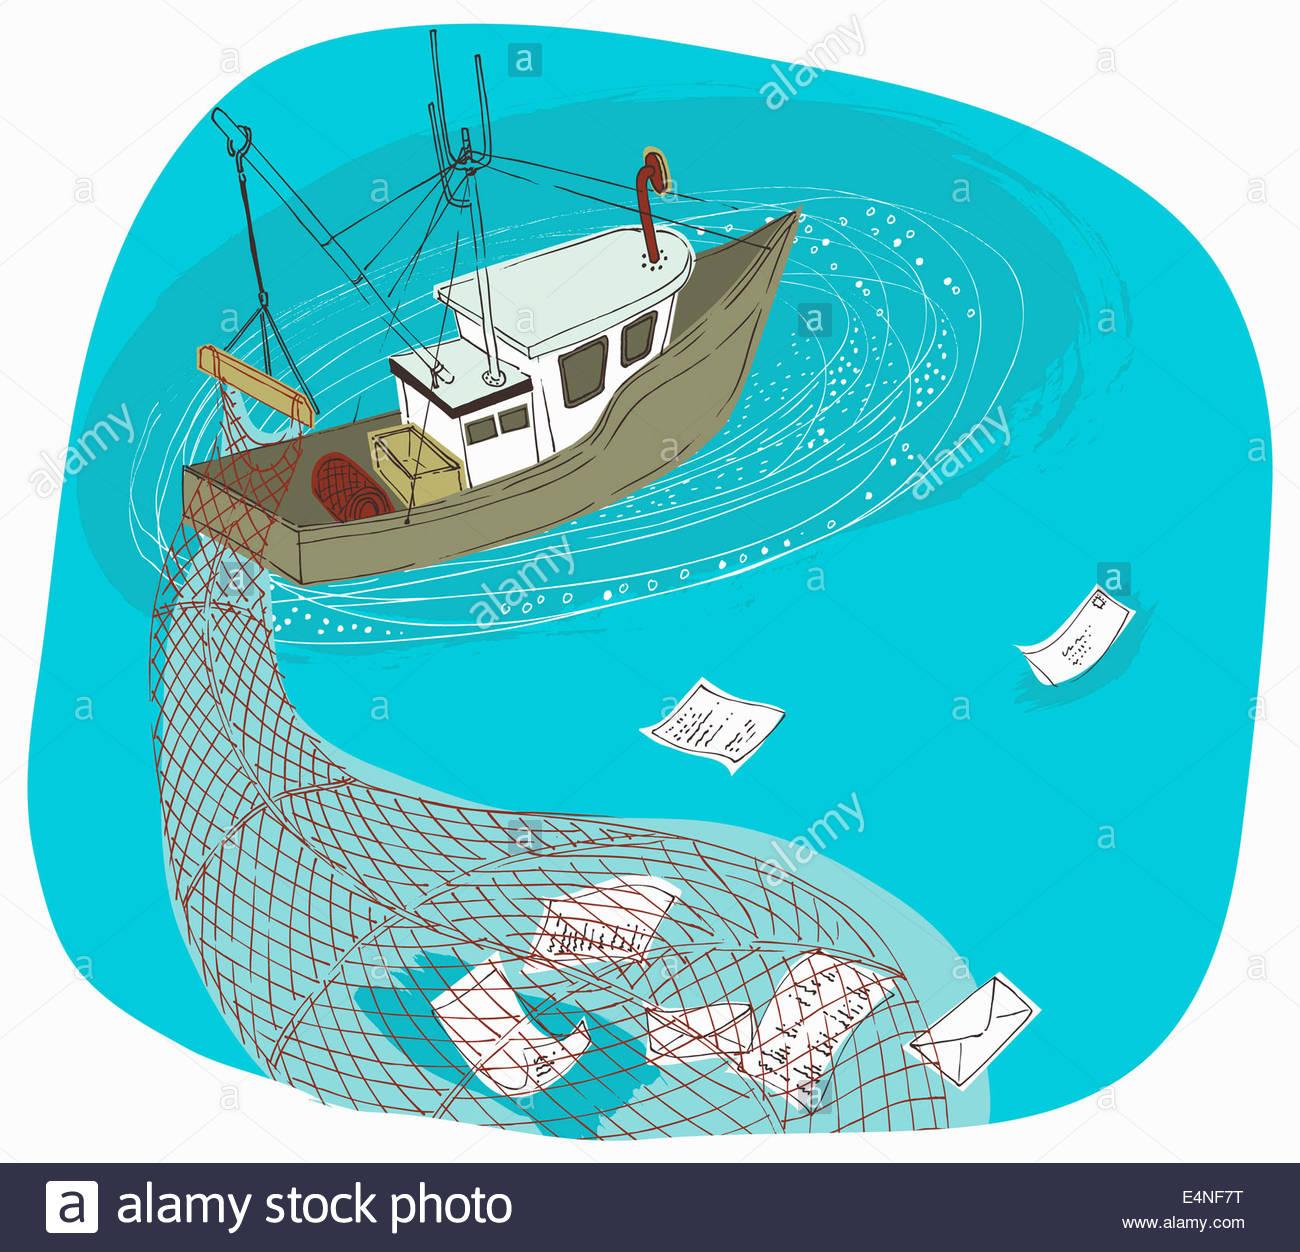 Barco arrastrero con net phishing y recopilación de información Imagen De Stock